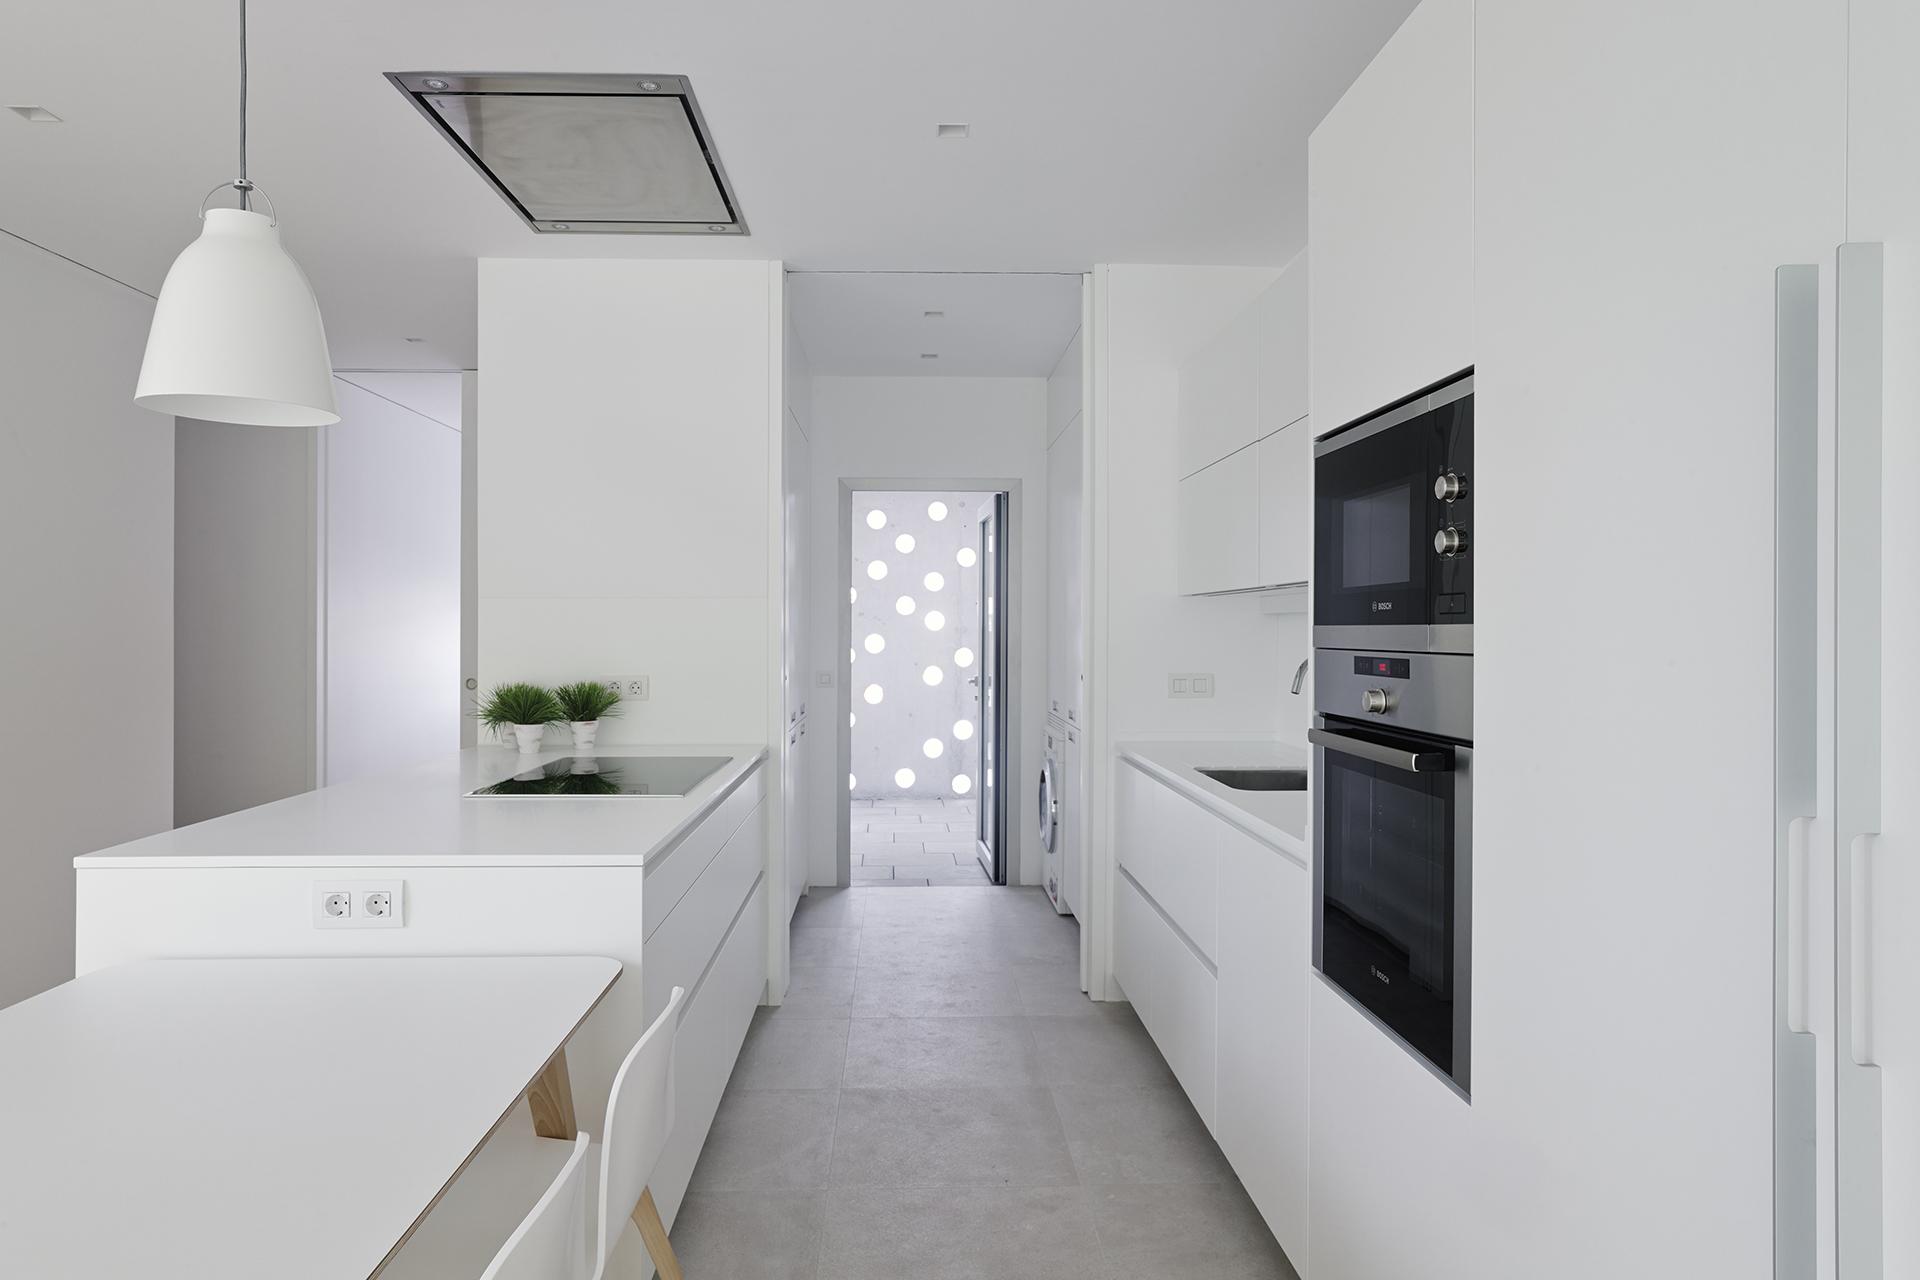 Cocinas-pequeñas-en-paralelo-con-barra-y-iluminación-Santos.jpg